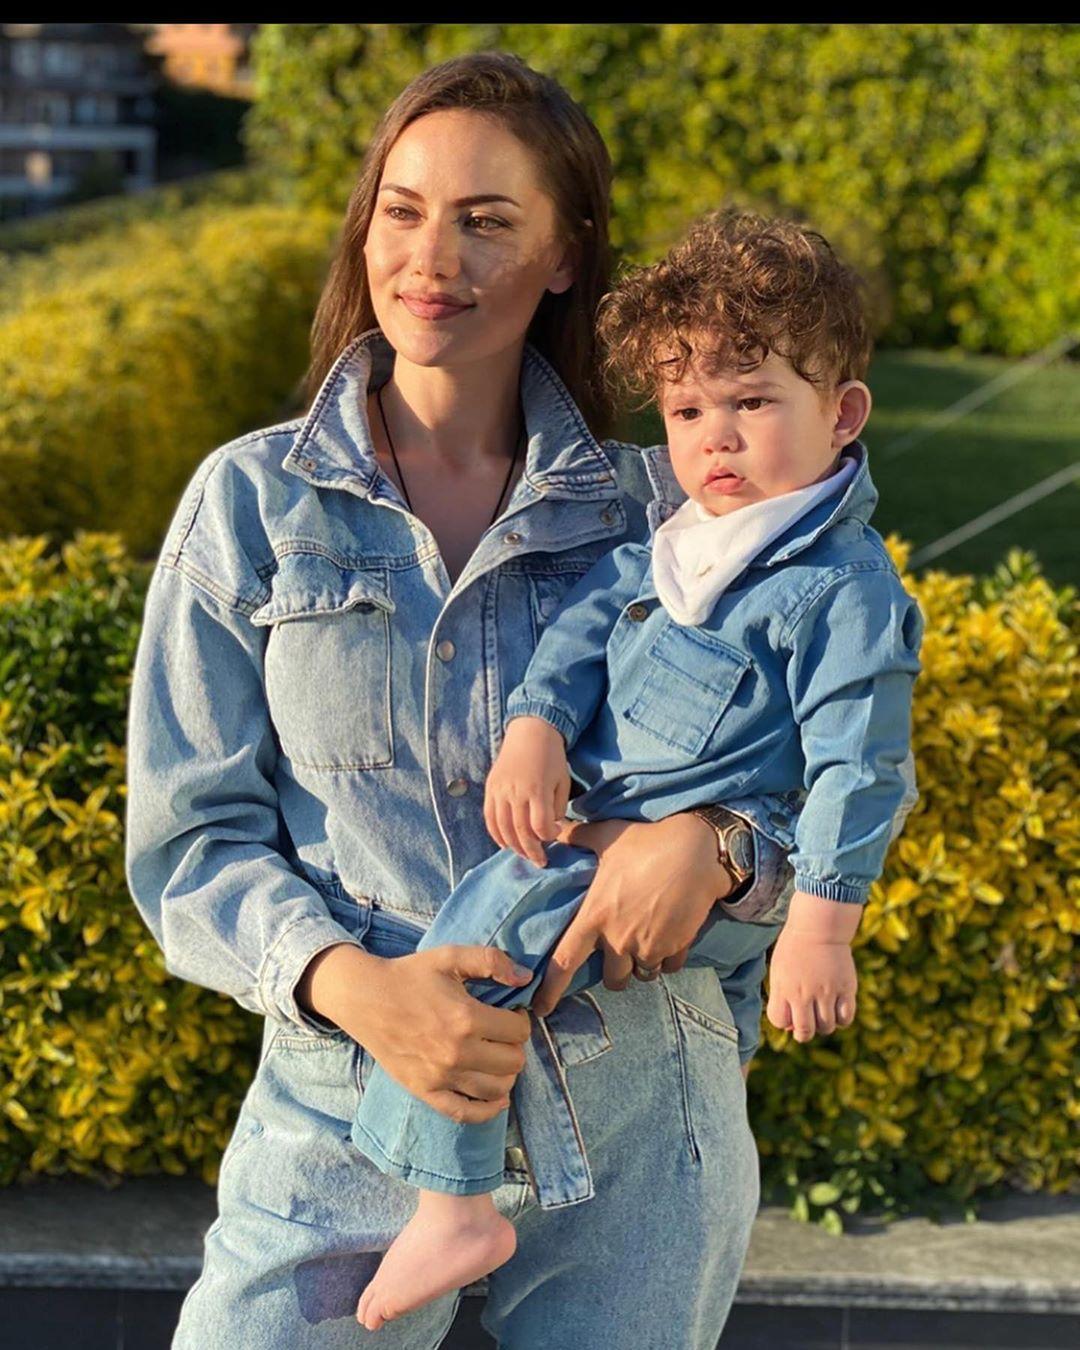 فهرية أفجين تحتفل بعيد الأم في تركيا بأحدث جلسة تصوير مع ابنها كاران تشعل الإنستجرام